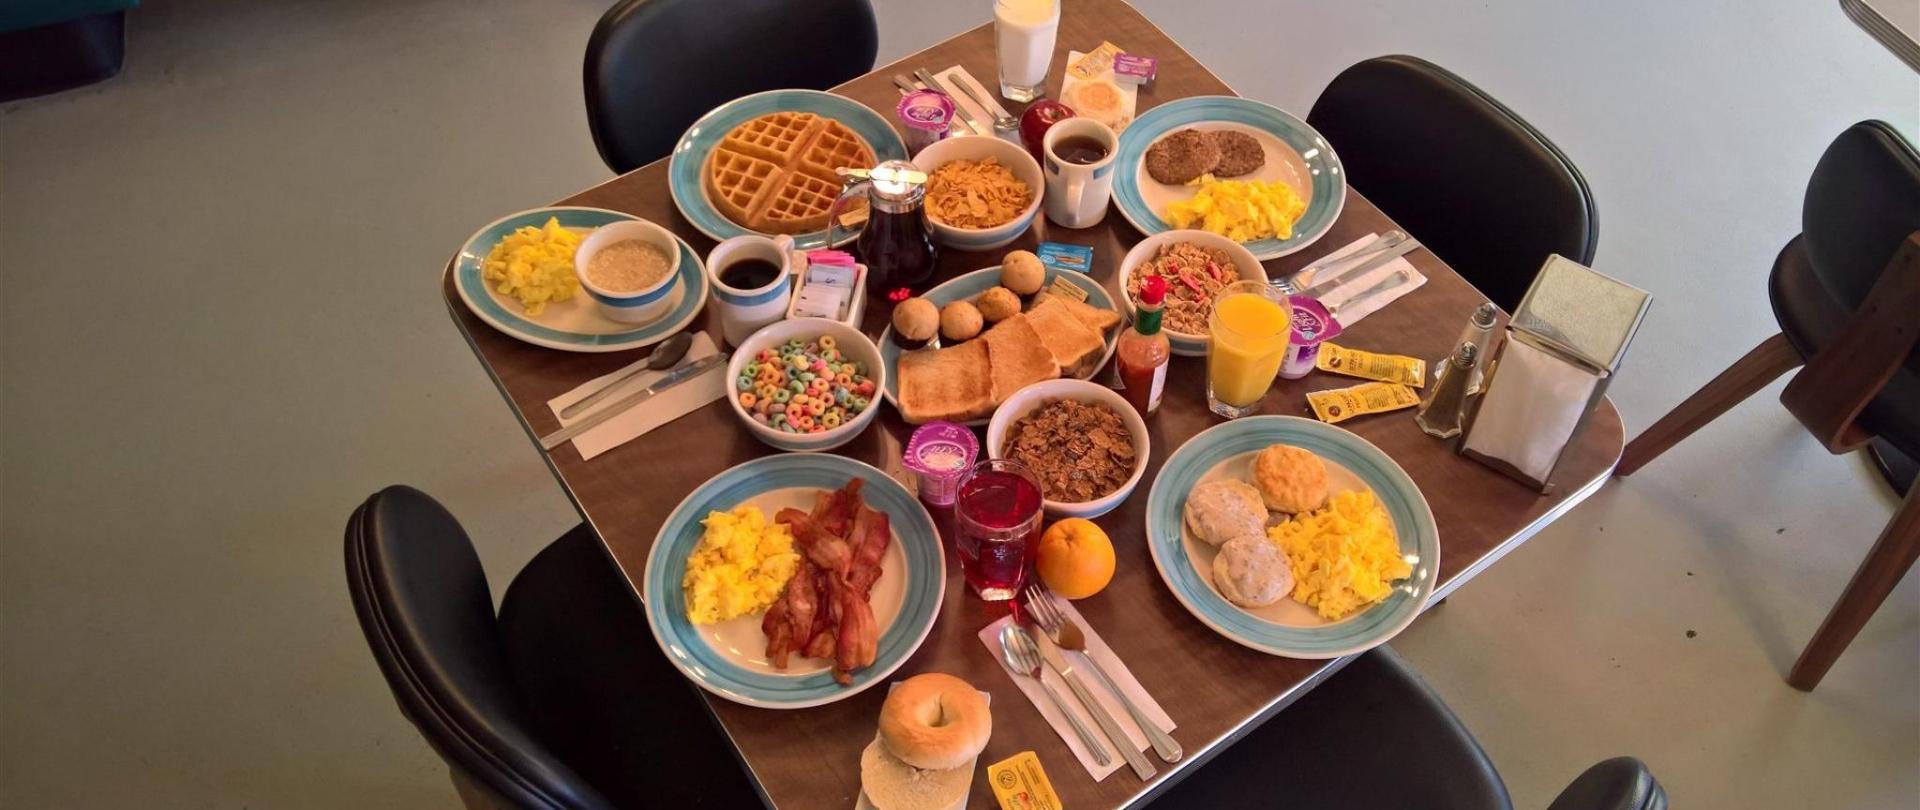 170613-papago-inn-buffet-chaud-petit déjeuner-5.jpg